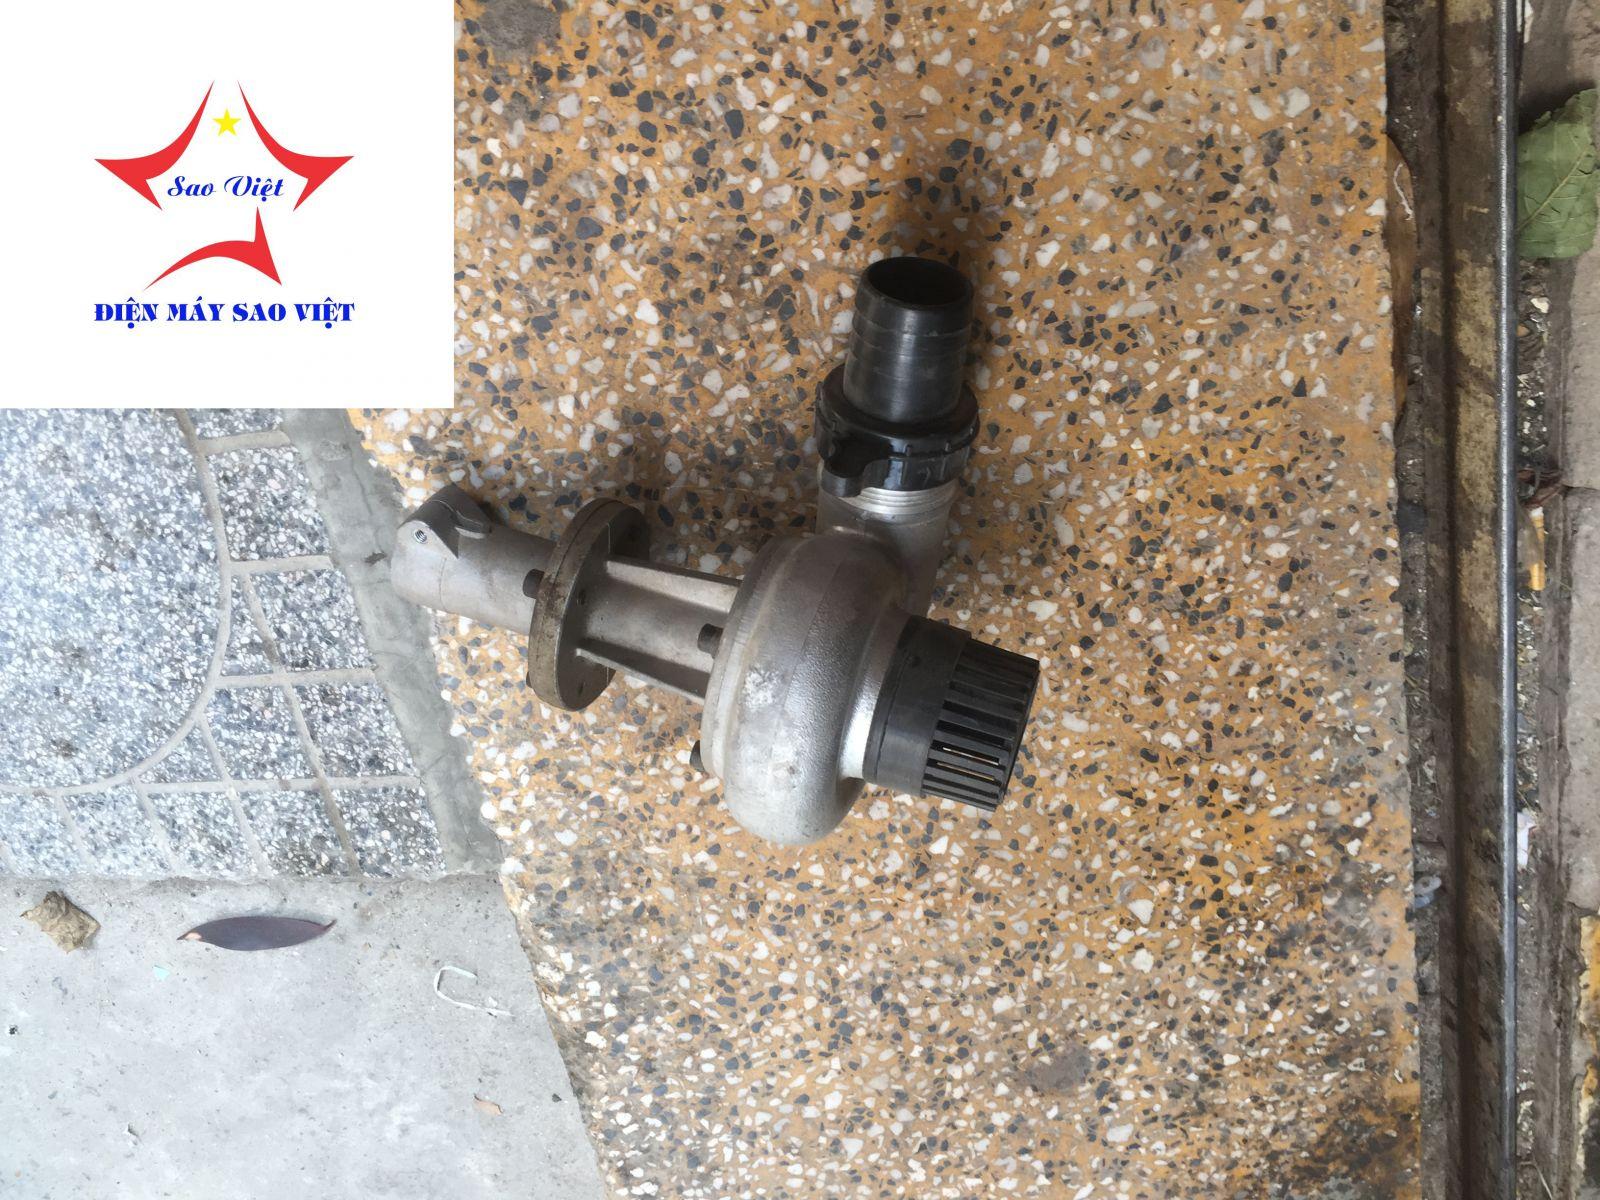 Bộ bơm nước SV5 (lắp cho máy xạc cỏ, cắt cỏ)